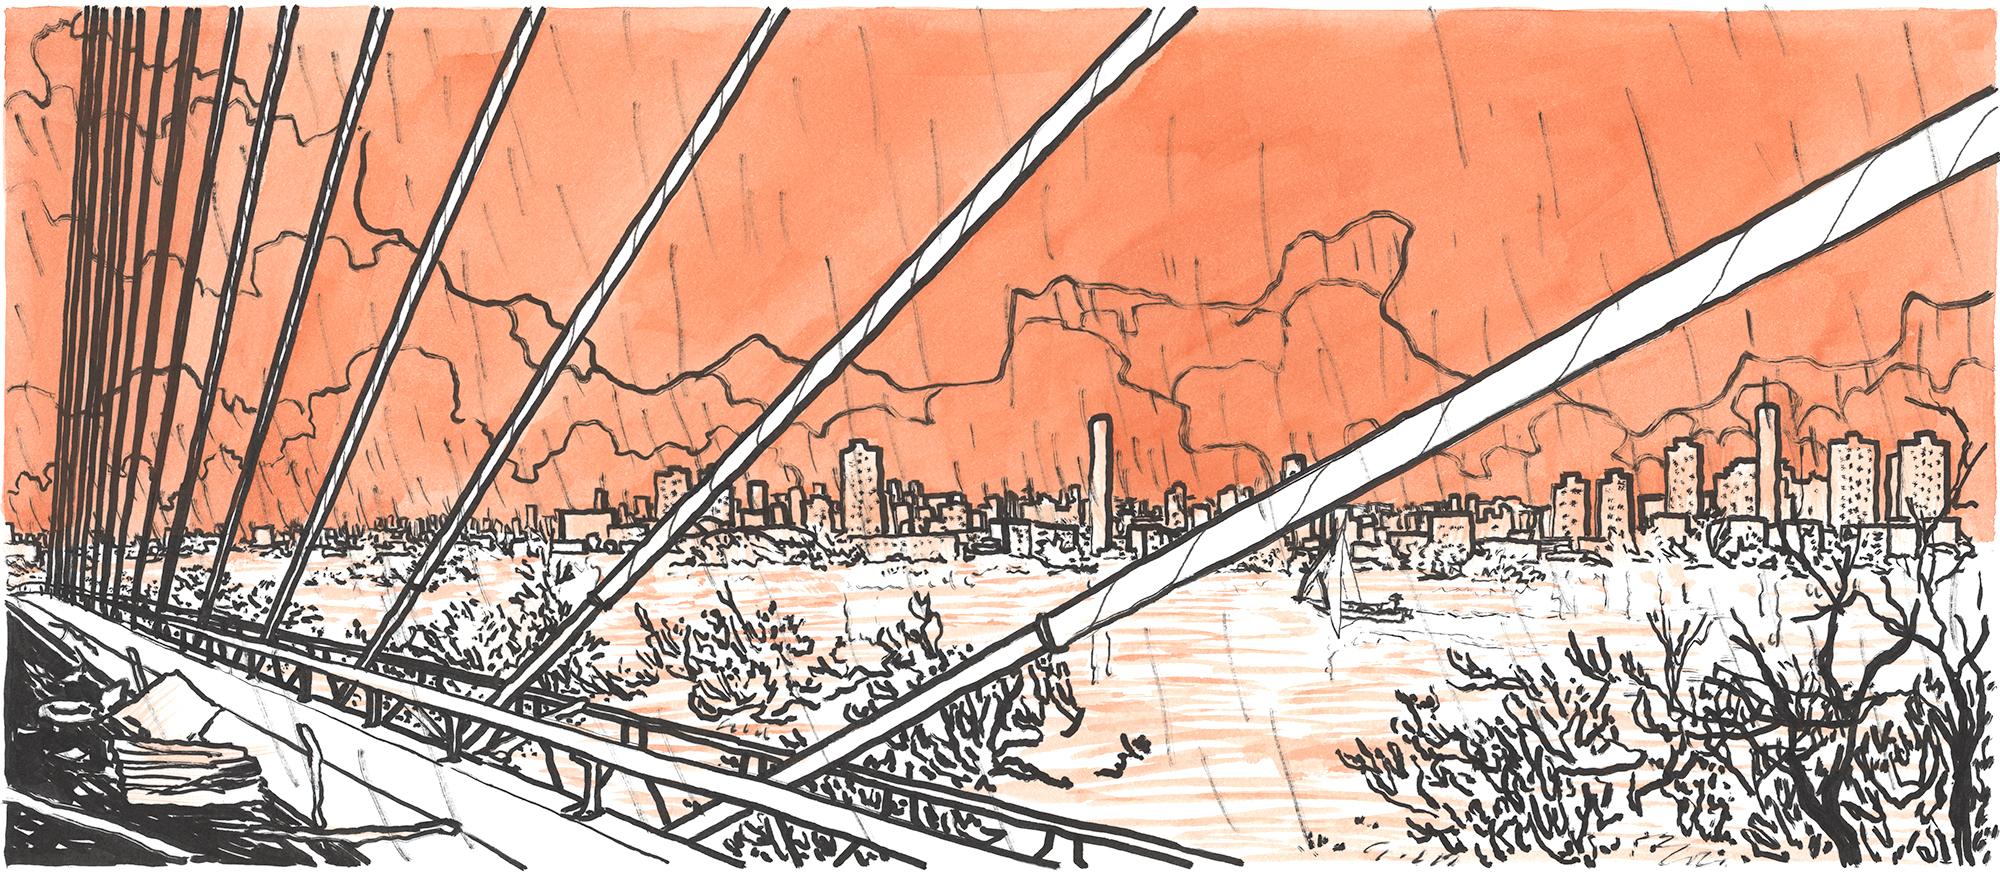 12_Ponte-Estaiada-daniloz